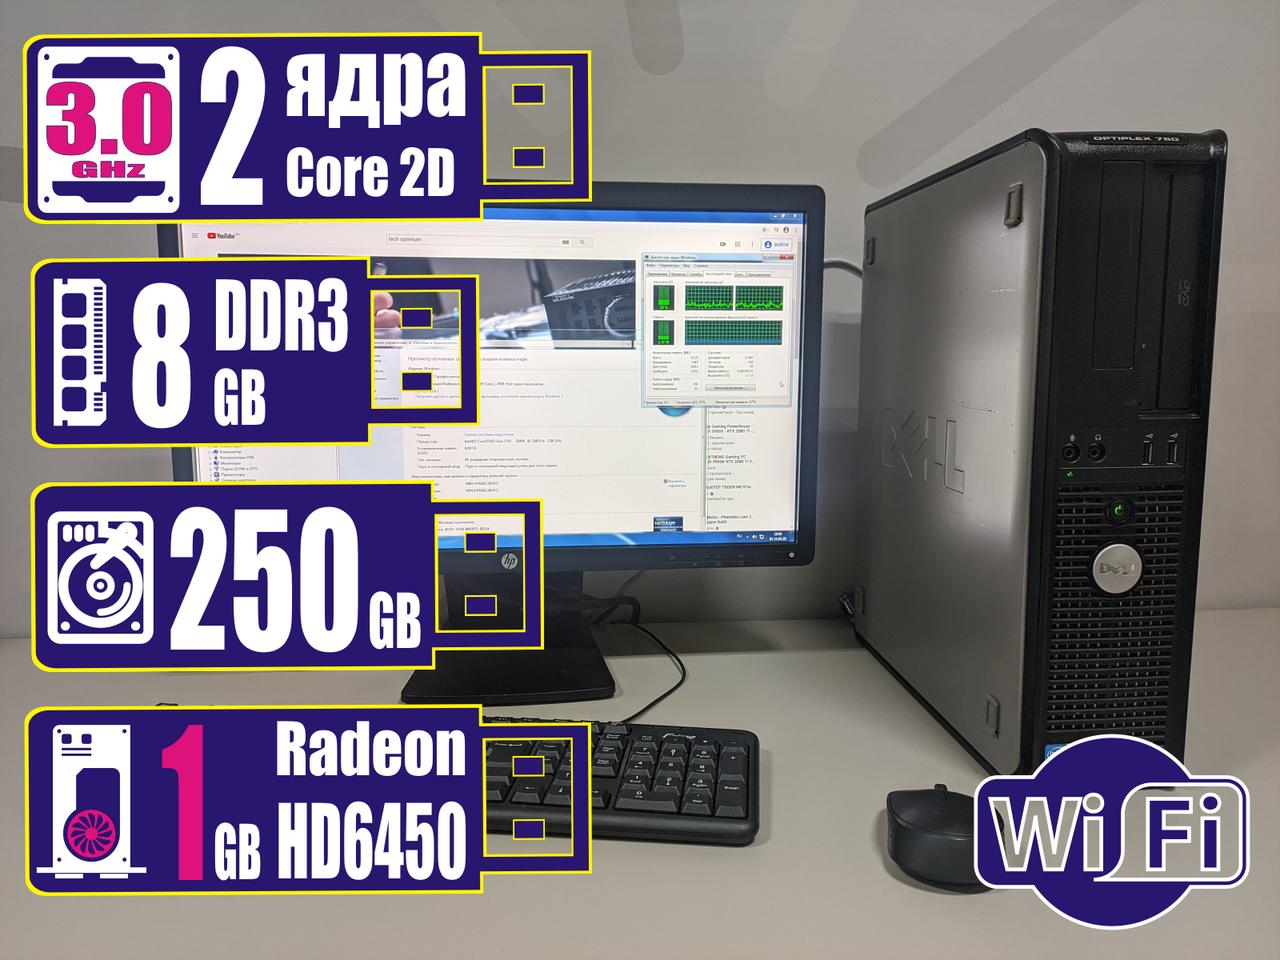 Системный блок ПК компьютер DELL 780 3.00ГГц/8Gb DDR3/250Gb/HD6450 1Gb минимально игровой WiFi в подарок